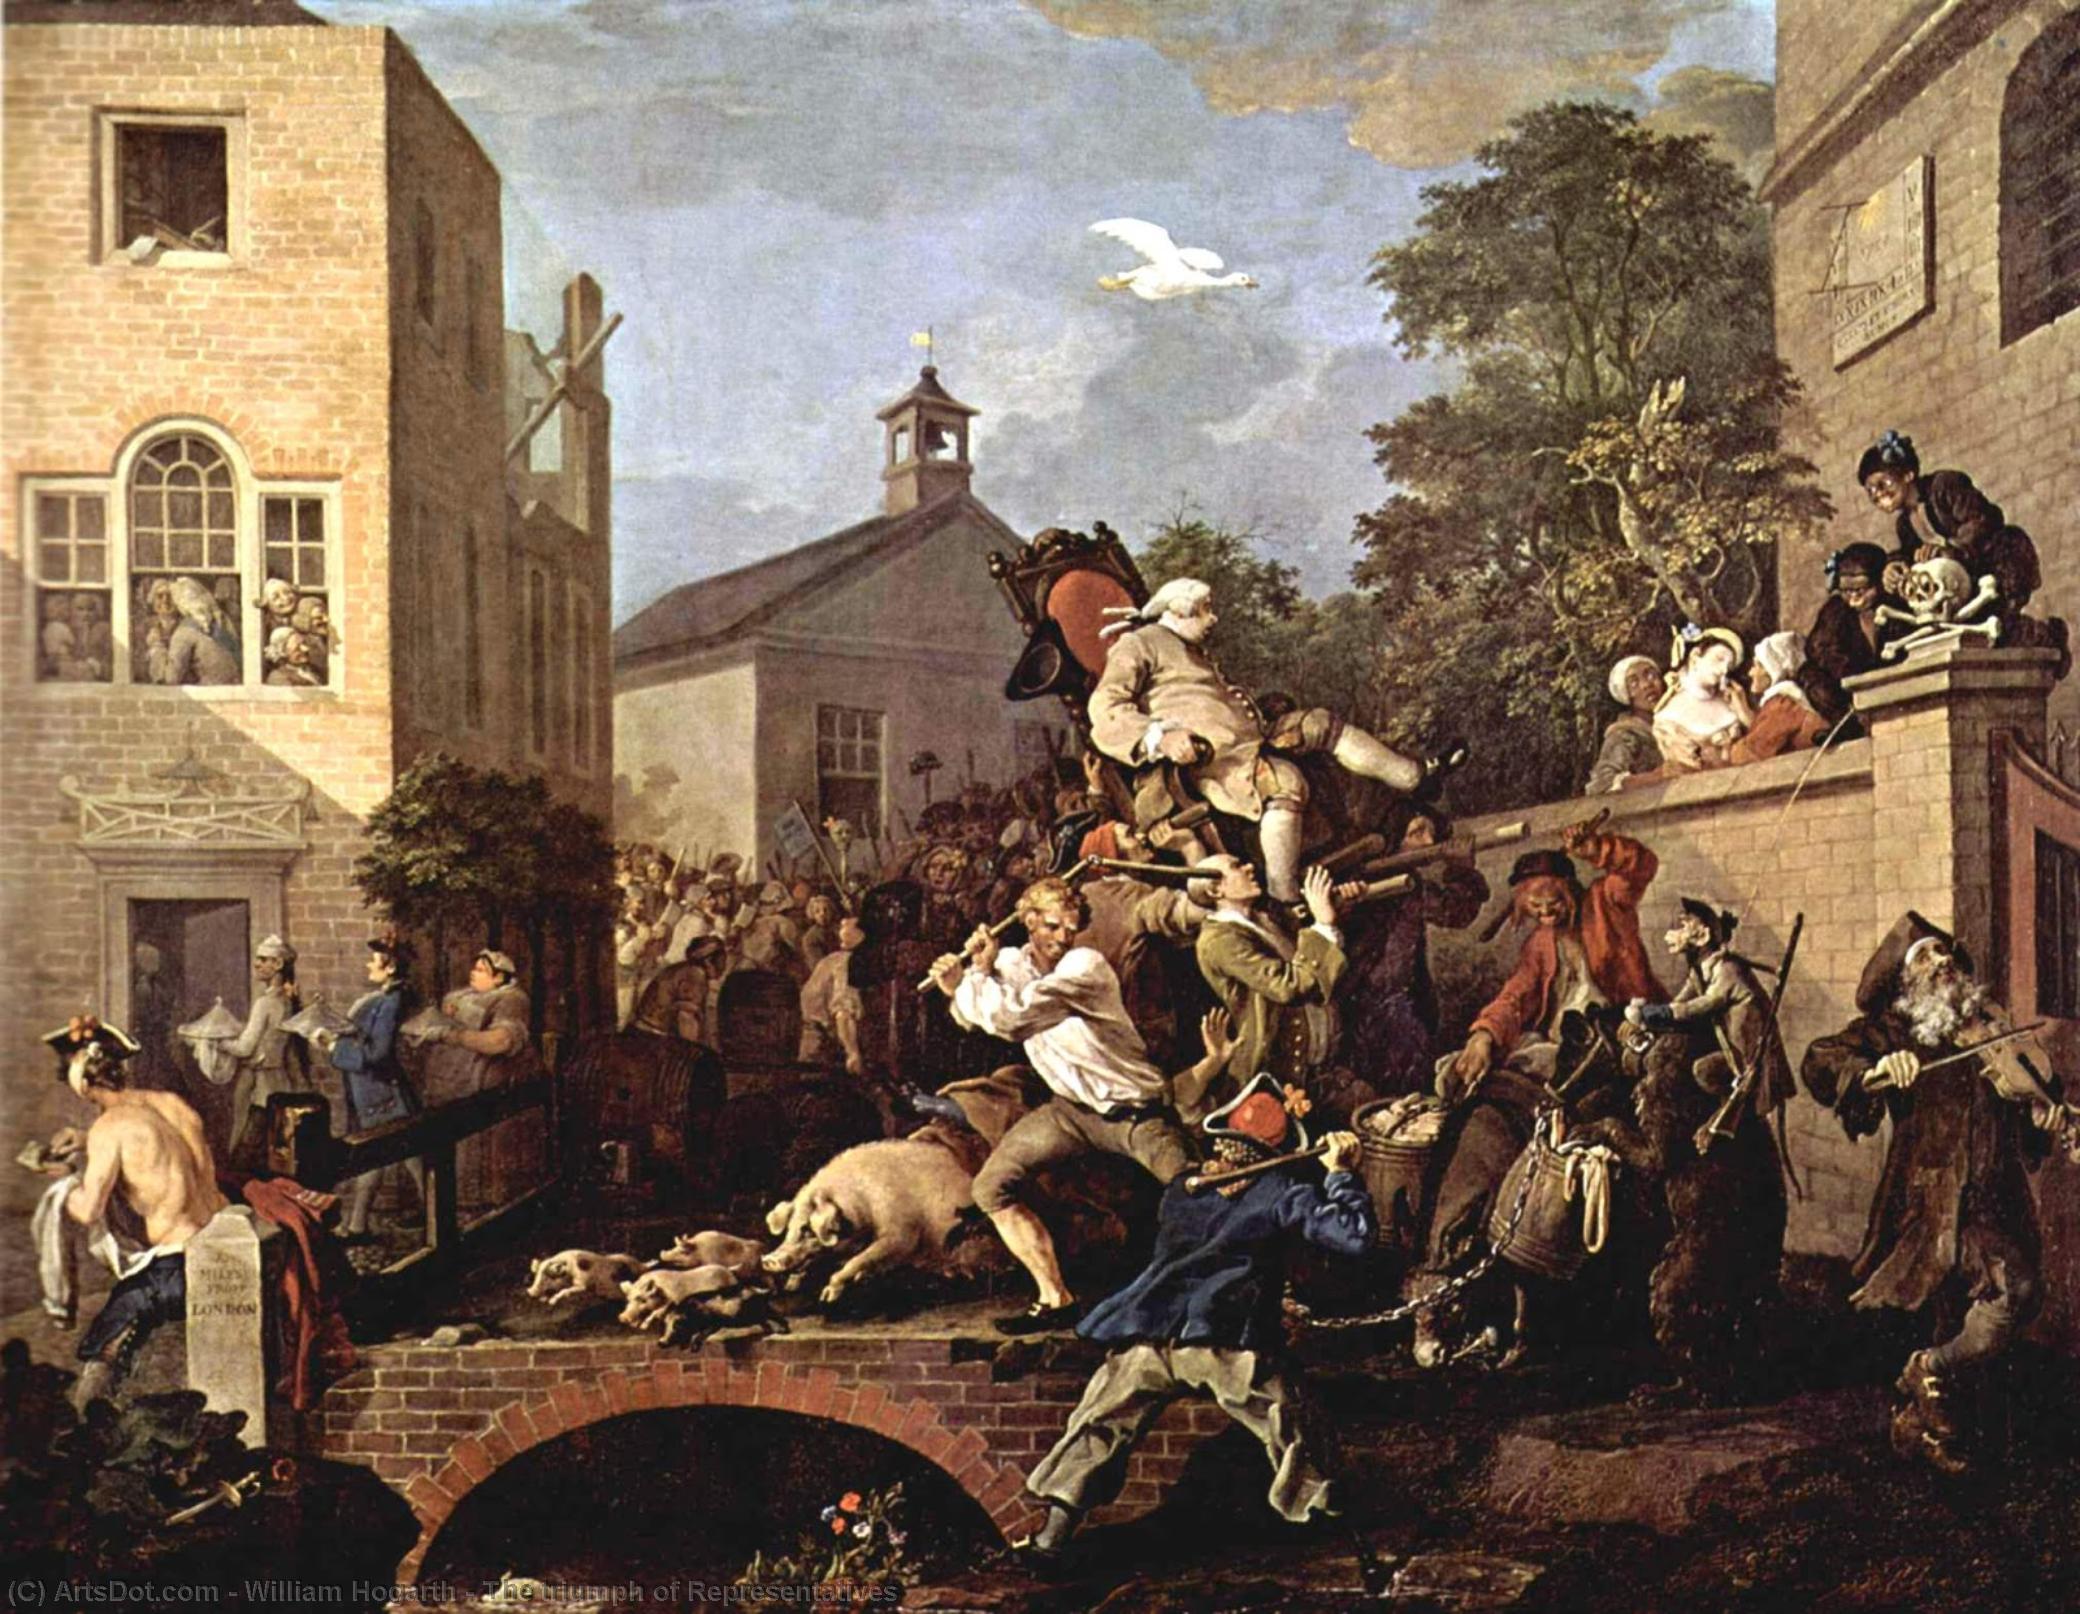 WikiOO.org - Enciklopedija dailės - Tapyba, meno kuriniai William Hogarth - The triumph of Representatives